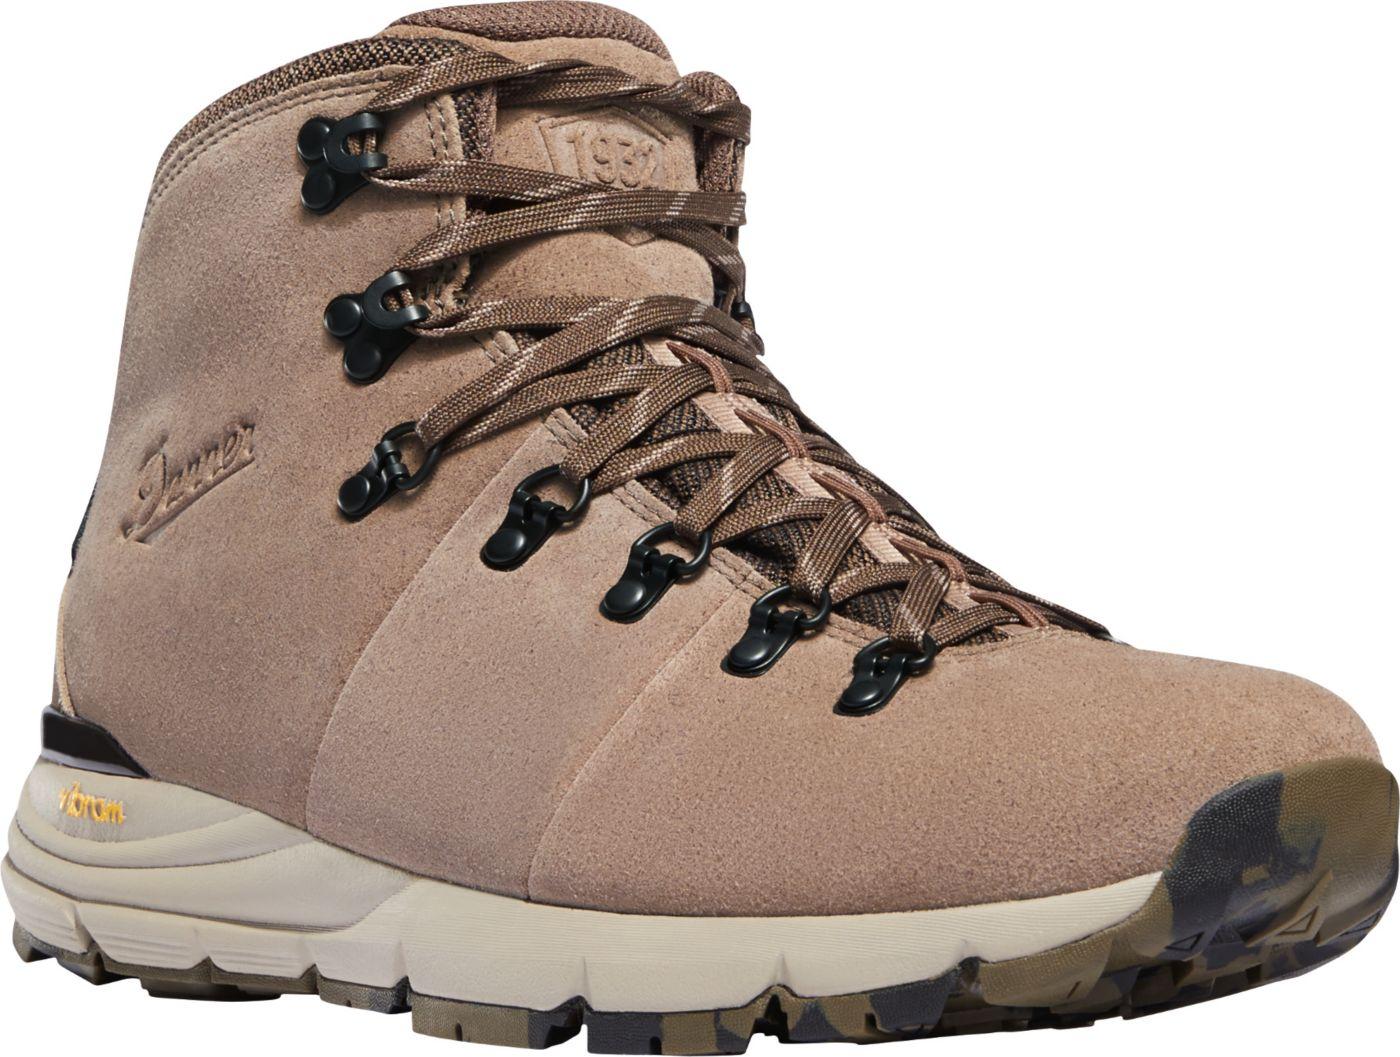 Danner Men's Mountain 600 4.5'' Suede Waterproof Hiking Boots